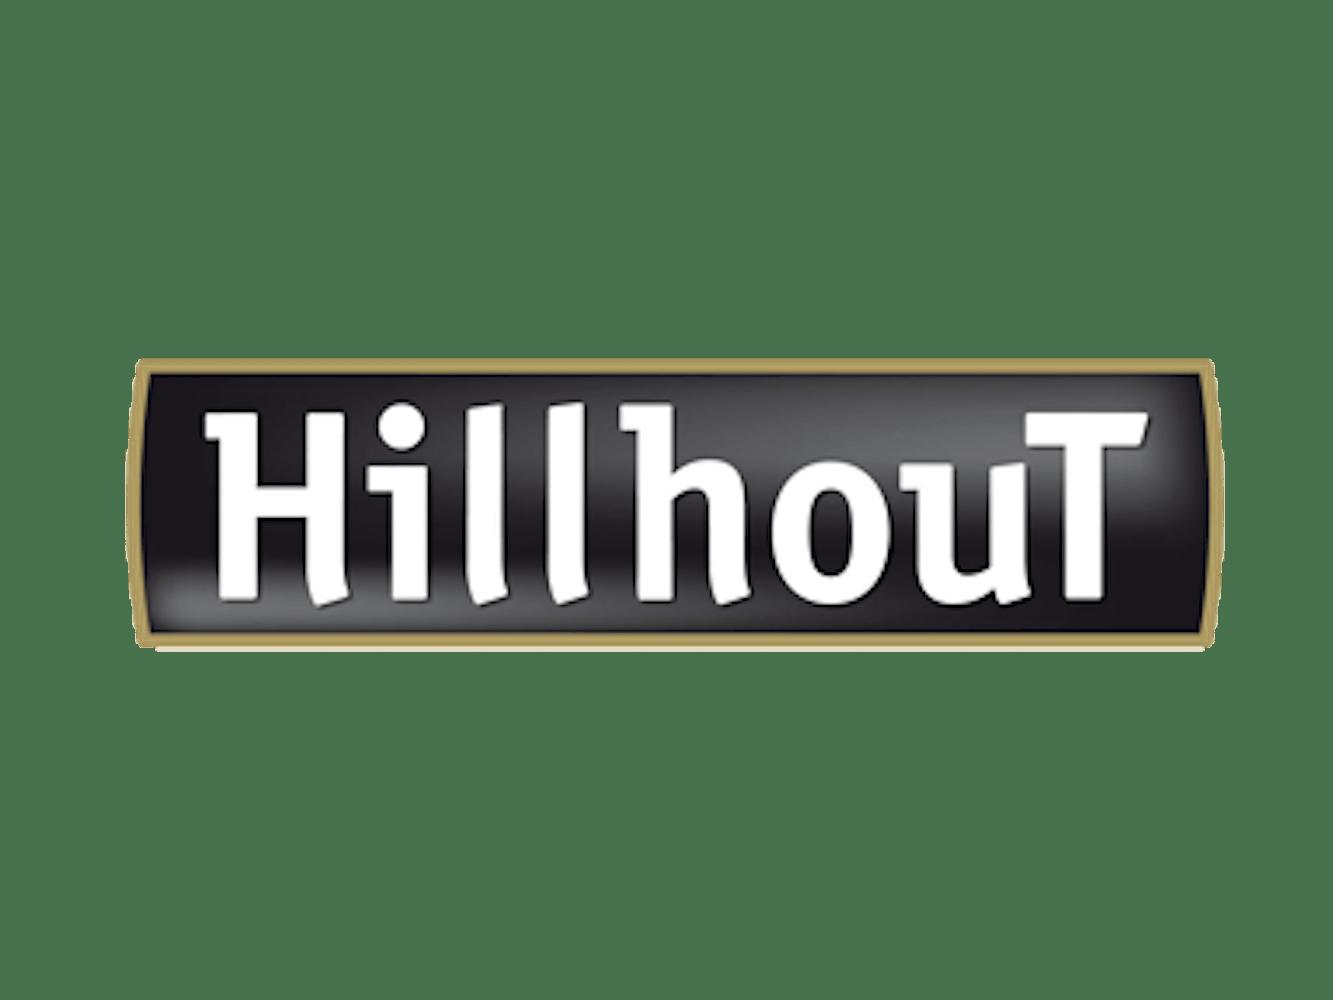 Hillhout informatie